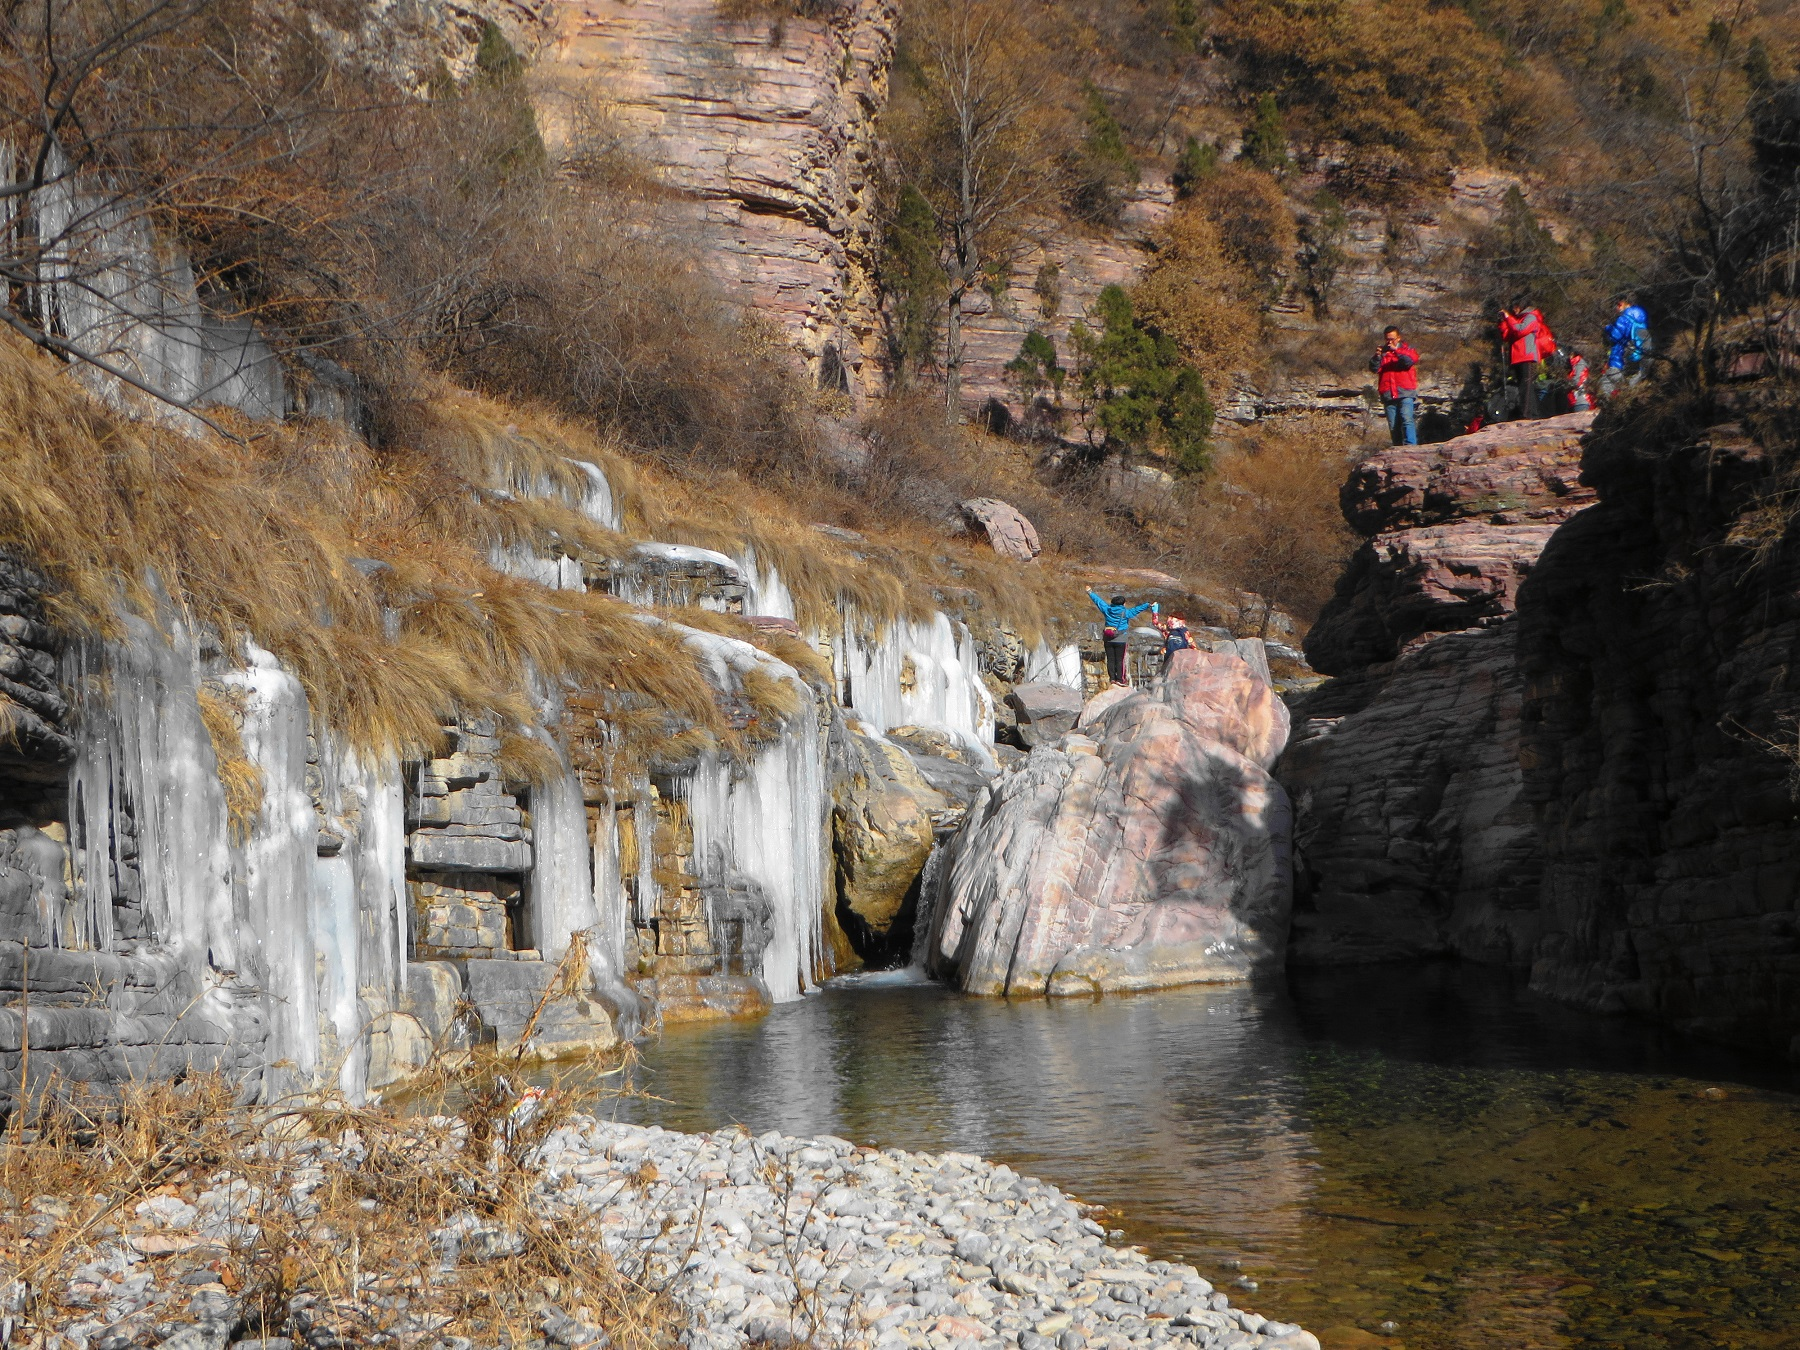 山西一处名气很低的大峡谷,顶峰海拔1772米,落差也达700米